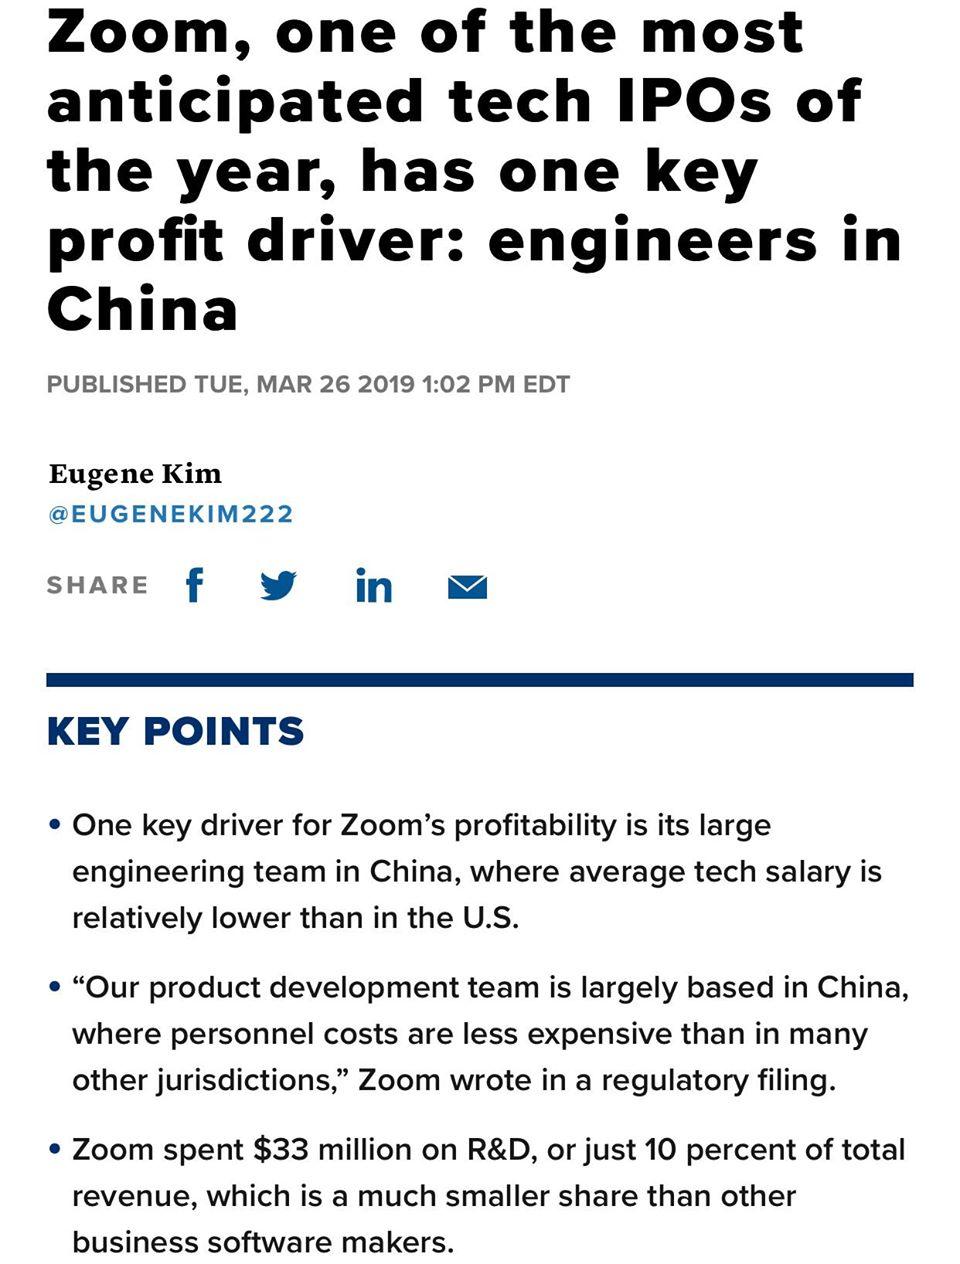 줌 CEO,  2019년 IPO 시 줌의 장점을 중국에 R&D 센터가 있다는 점을 강조